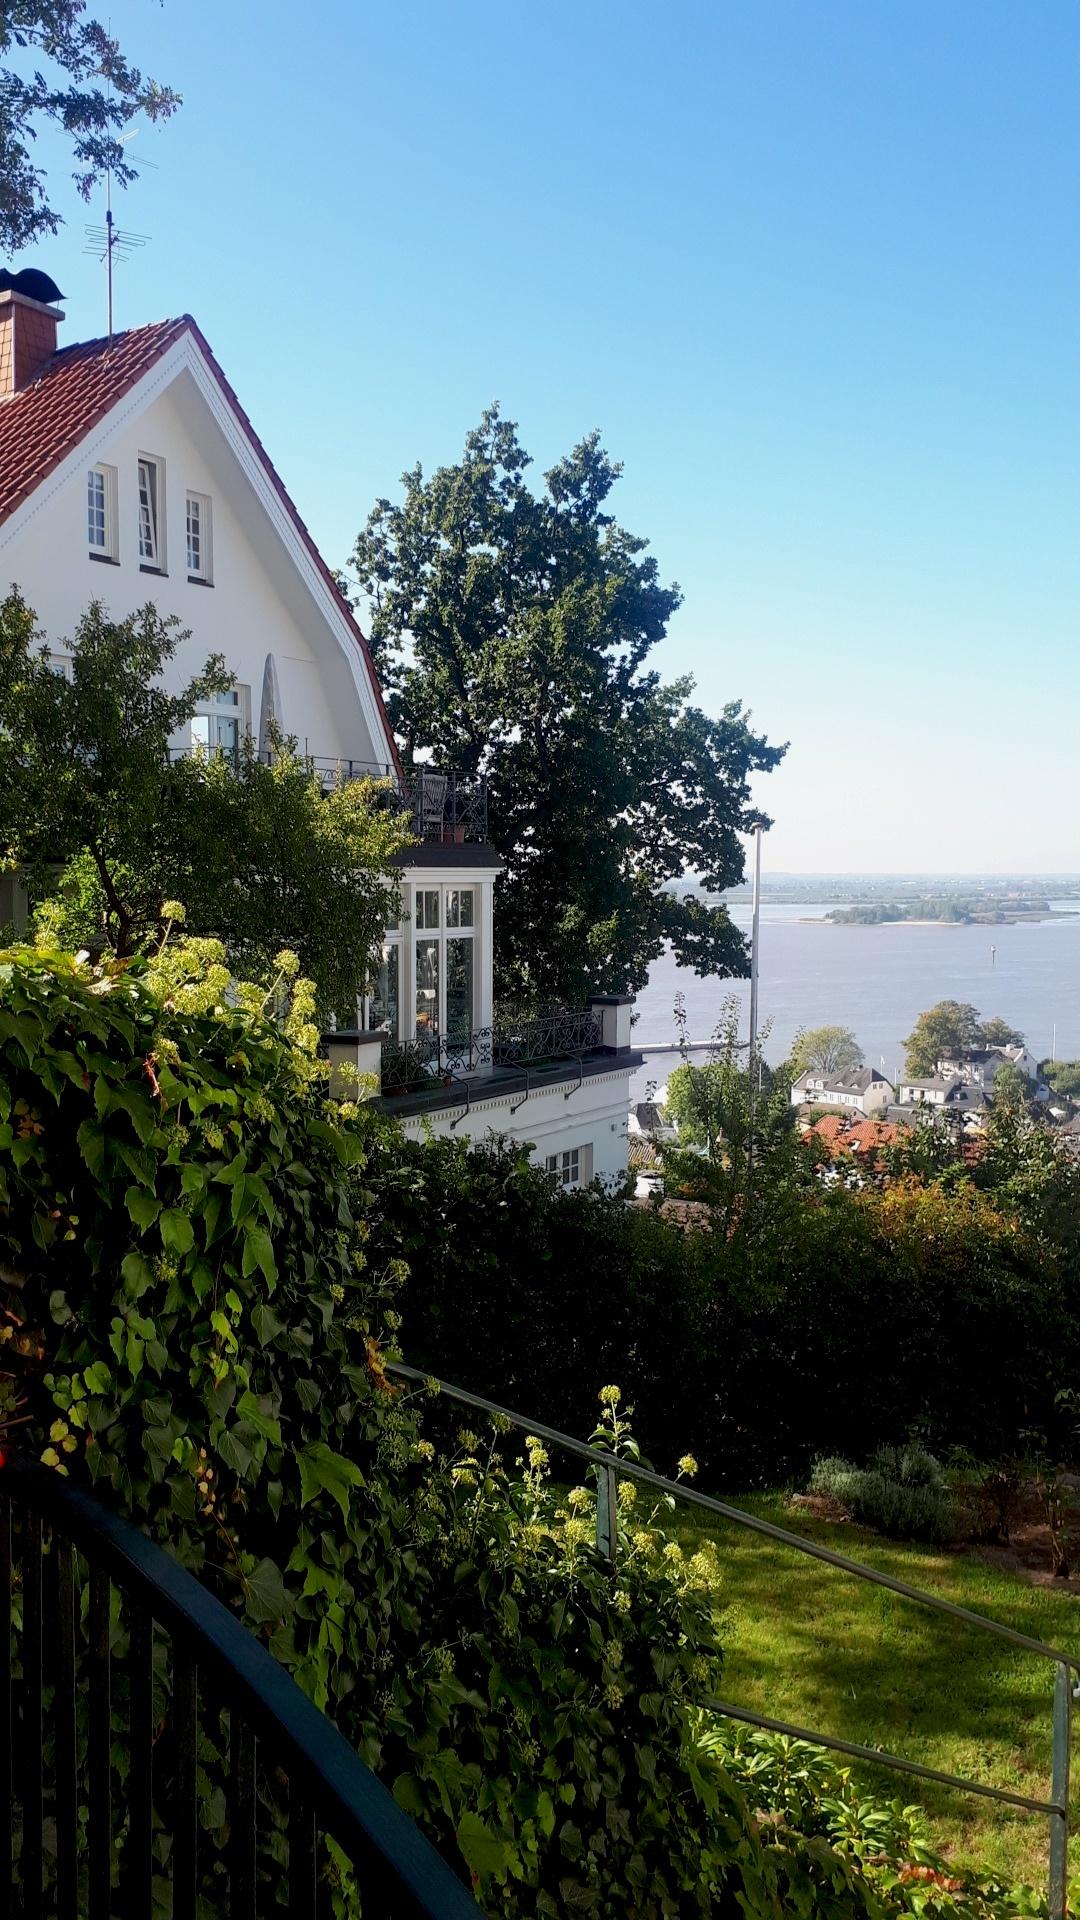 villas blanche déco chic élégante déco extérieure paysage allemand architecture hambourg